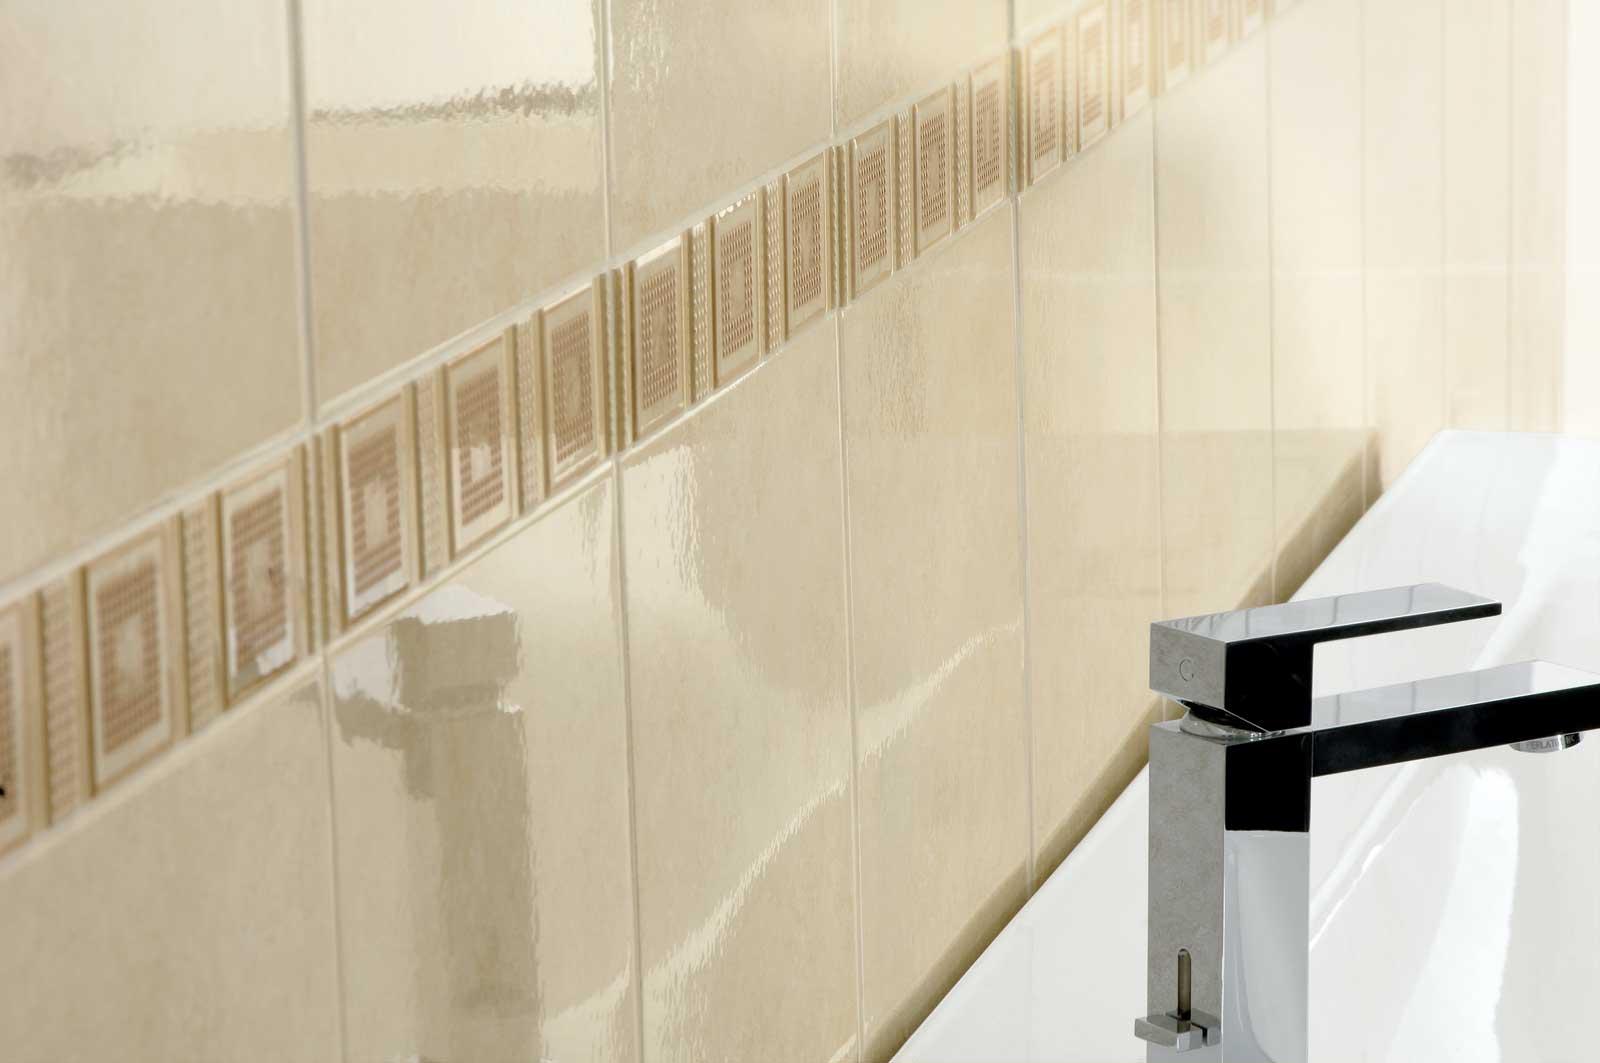 Bagno classico piastrelle stunning bagno classico piastrelle